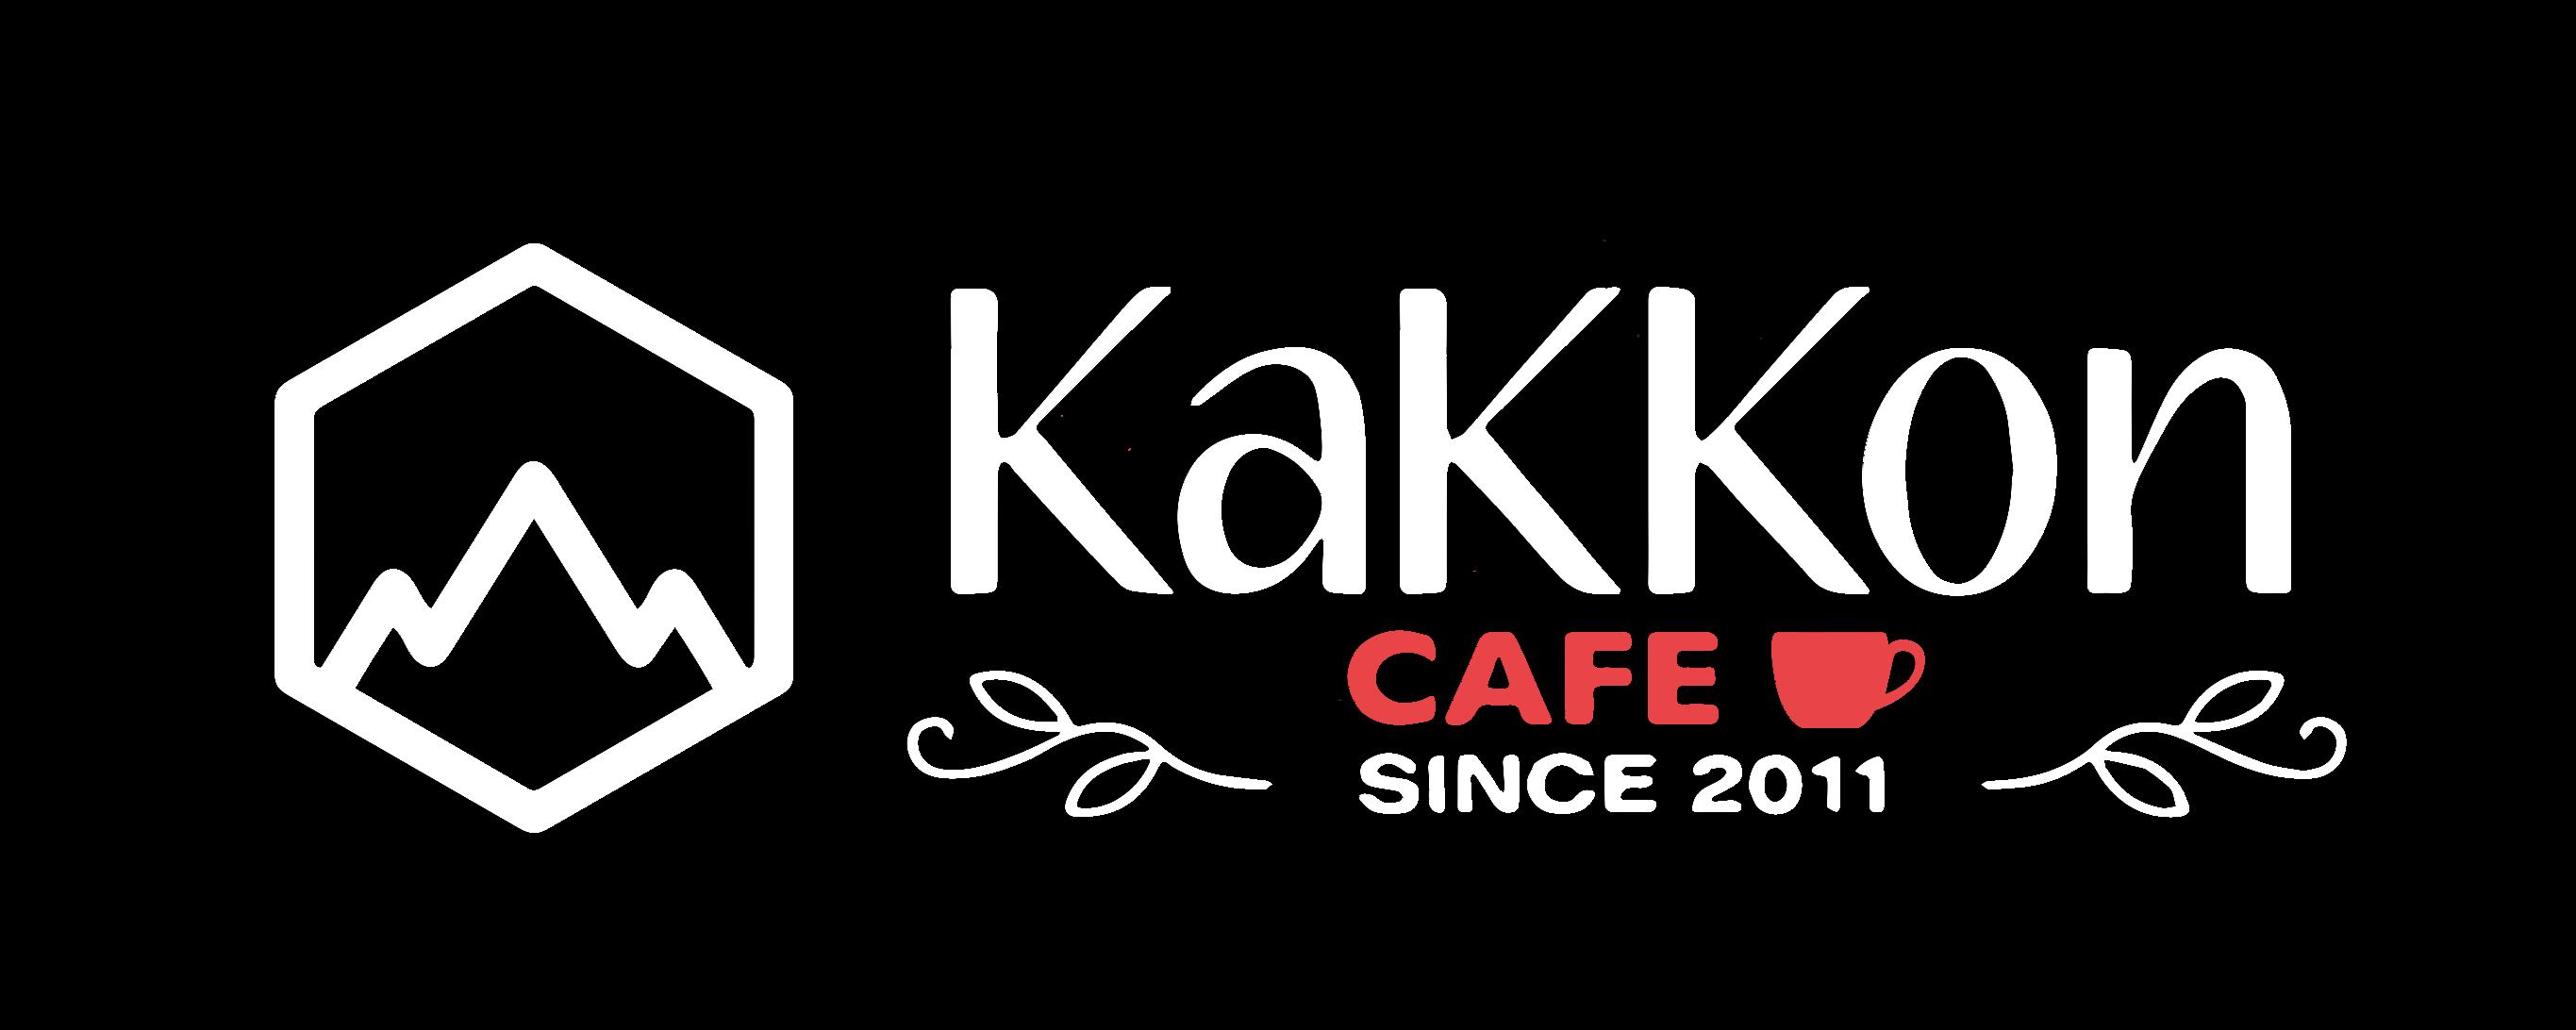 Speciality Coffee – KaKKon Cafe